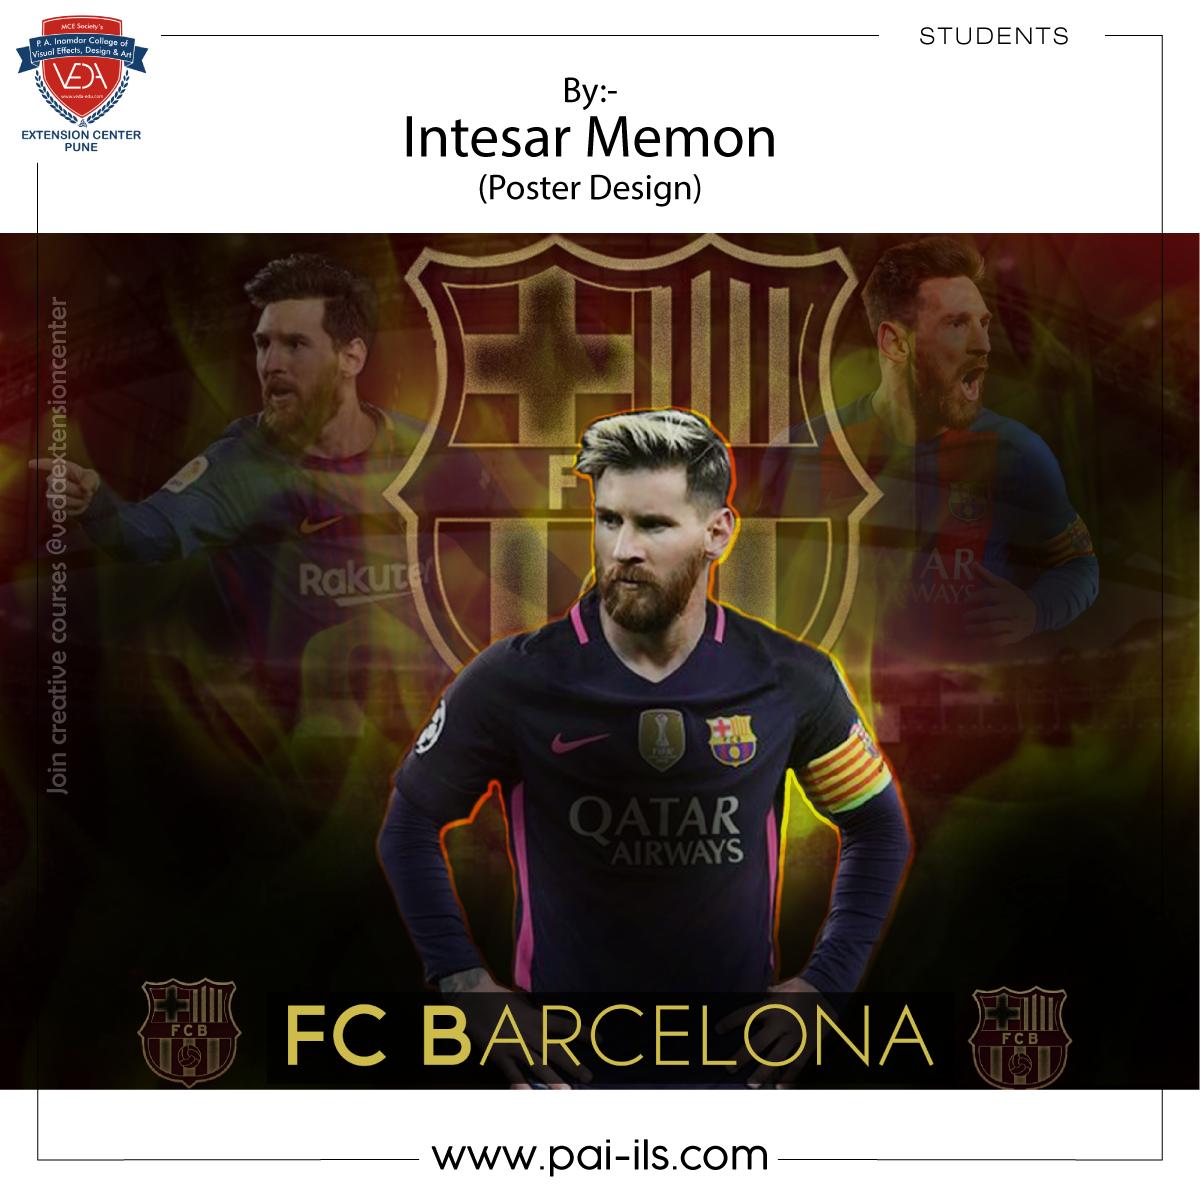 Intesar-Memon-(-Poster-Design-)